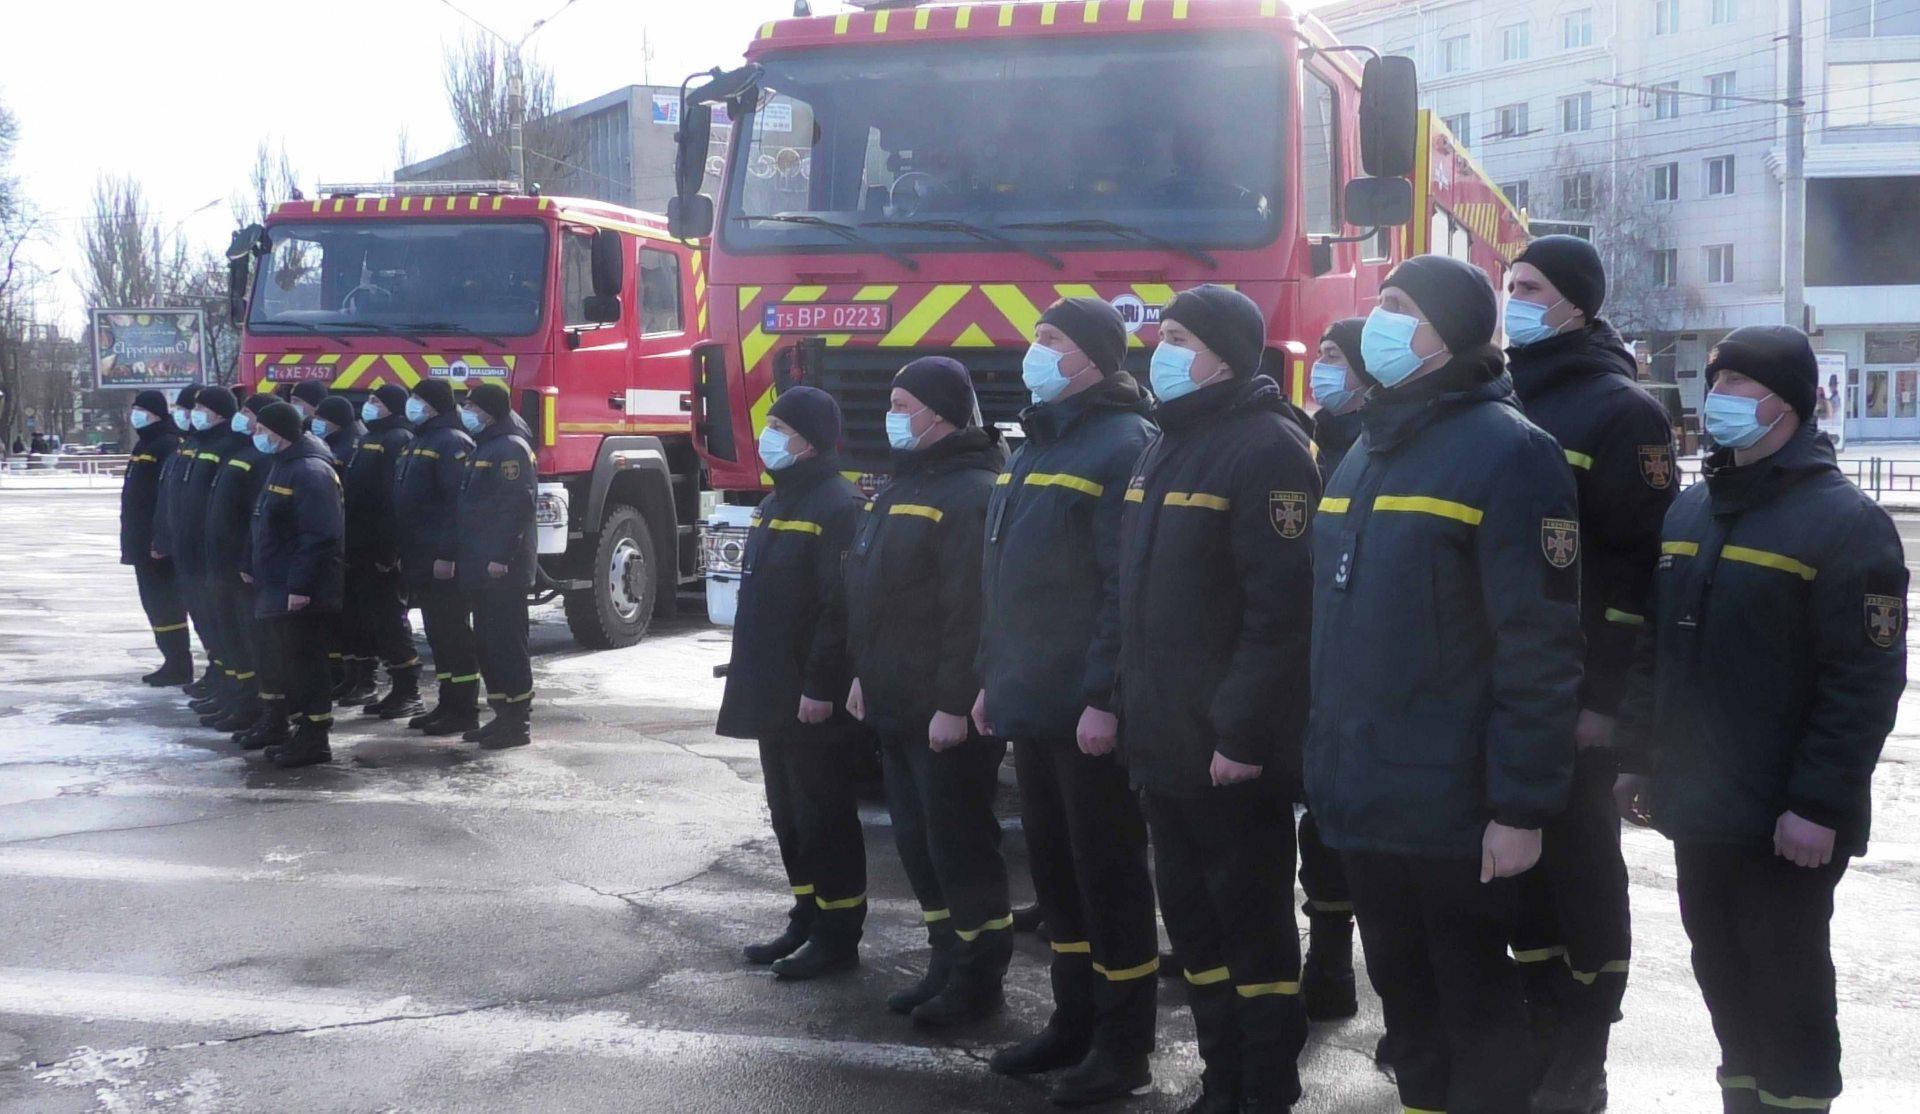 Херсонські рятувальники отримали нову техніку та нагороди за мужність